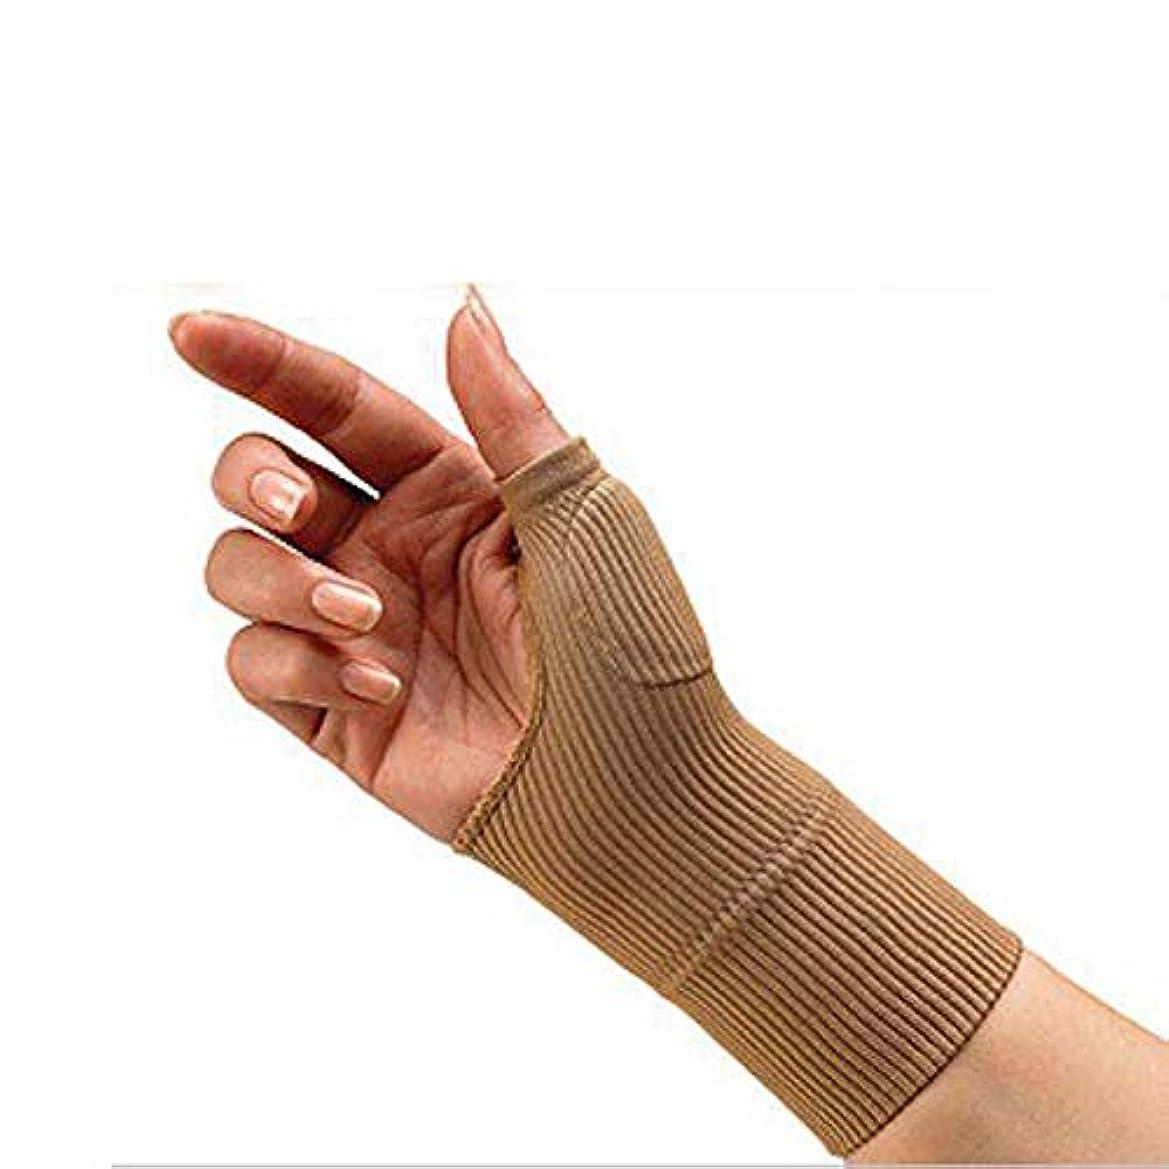 世界的にハンディランチョン男性の女性のためのソリッド手首ブレース手根管サポートハンドブレース手首のサポート包帯バンドベルトアウトドア手根管ハンドブレース